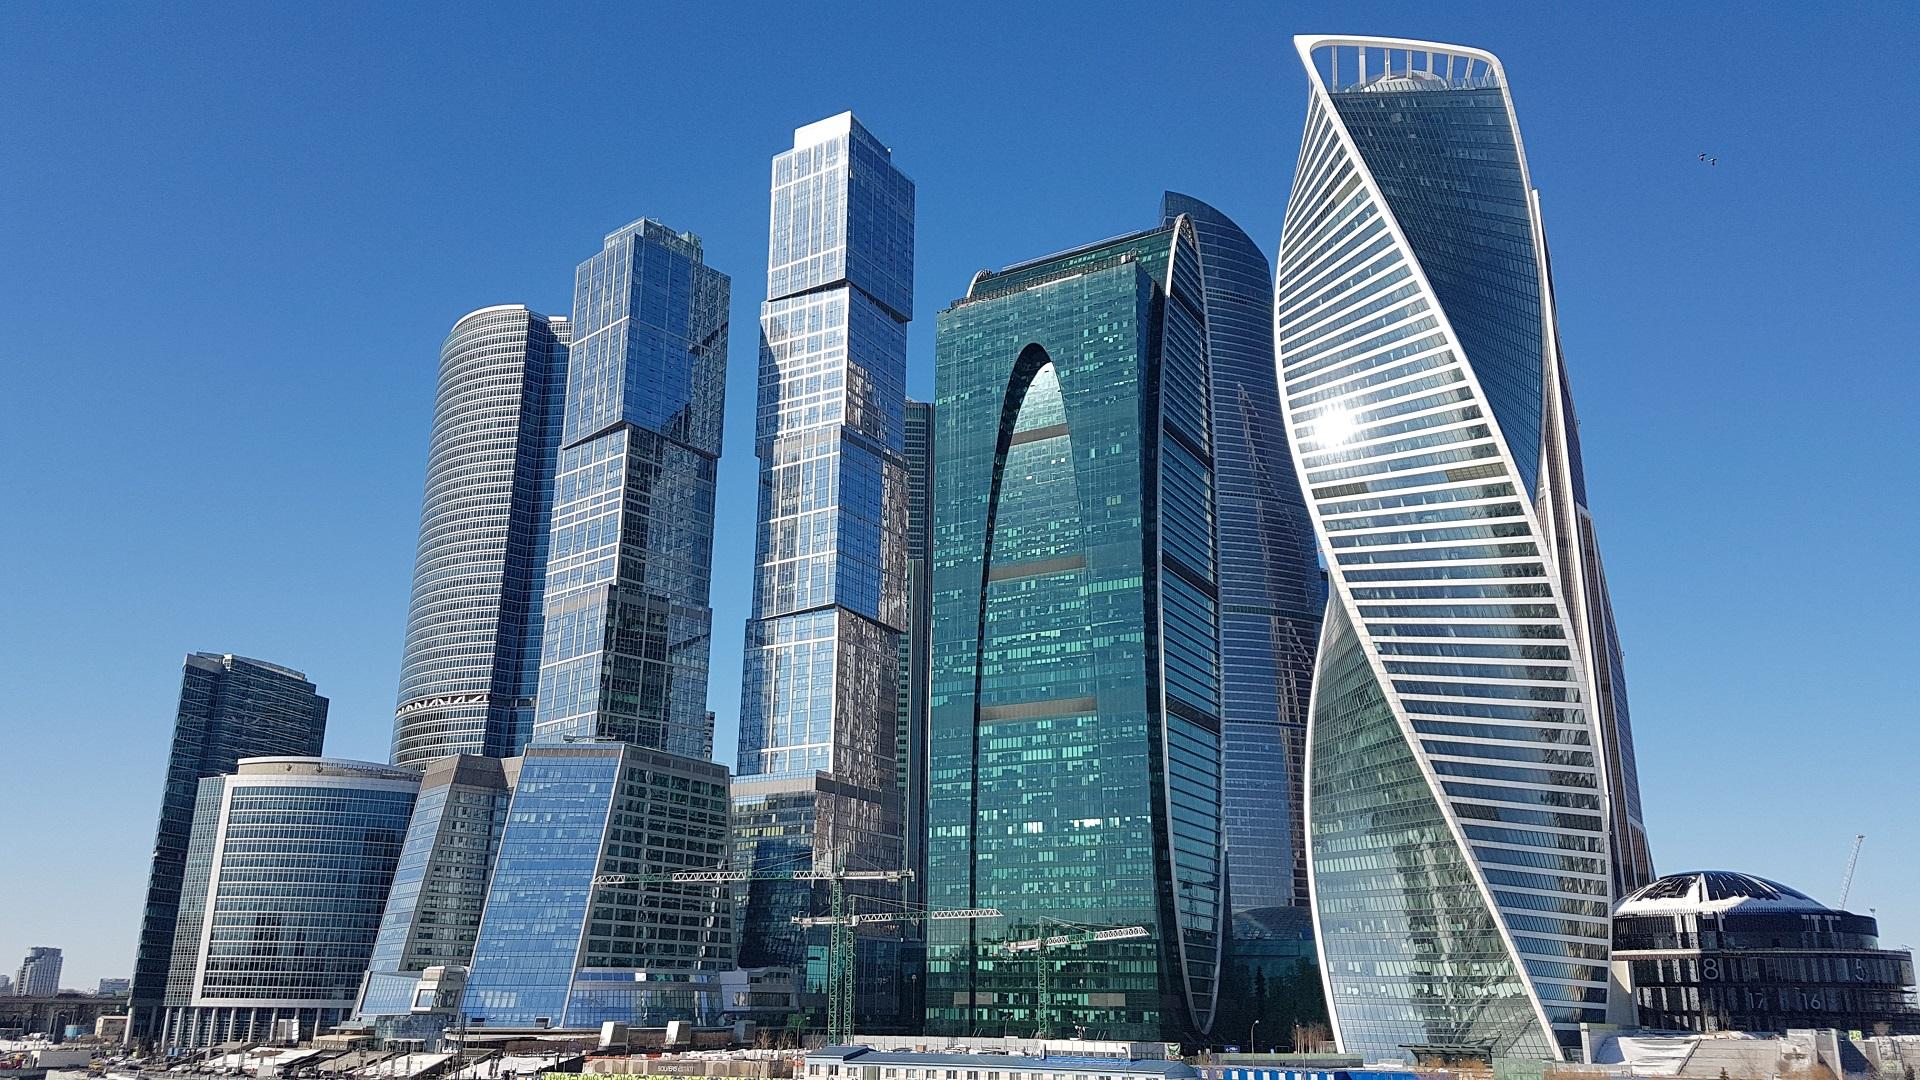 أبراج موسكو سيتي أعلى ناطحات السحاب وحلول ابتكارية